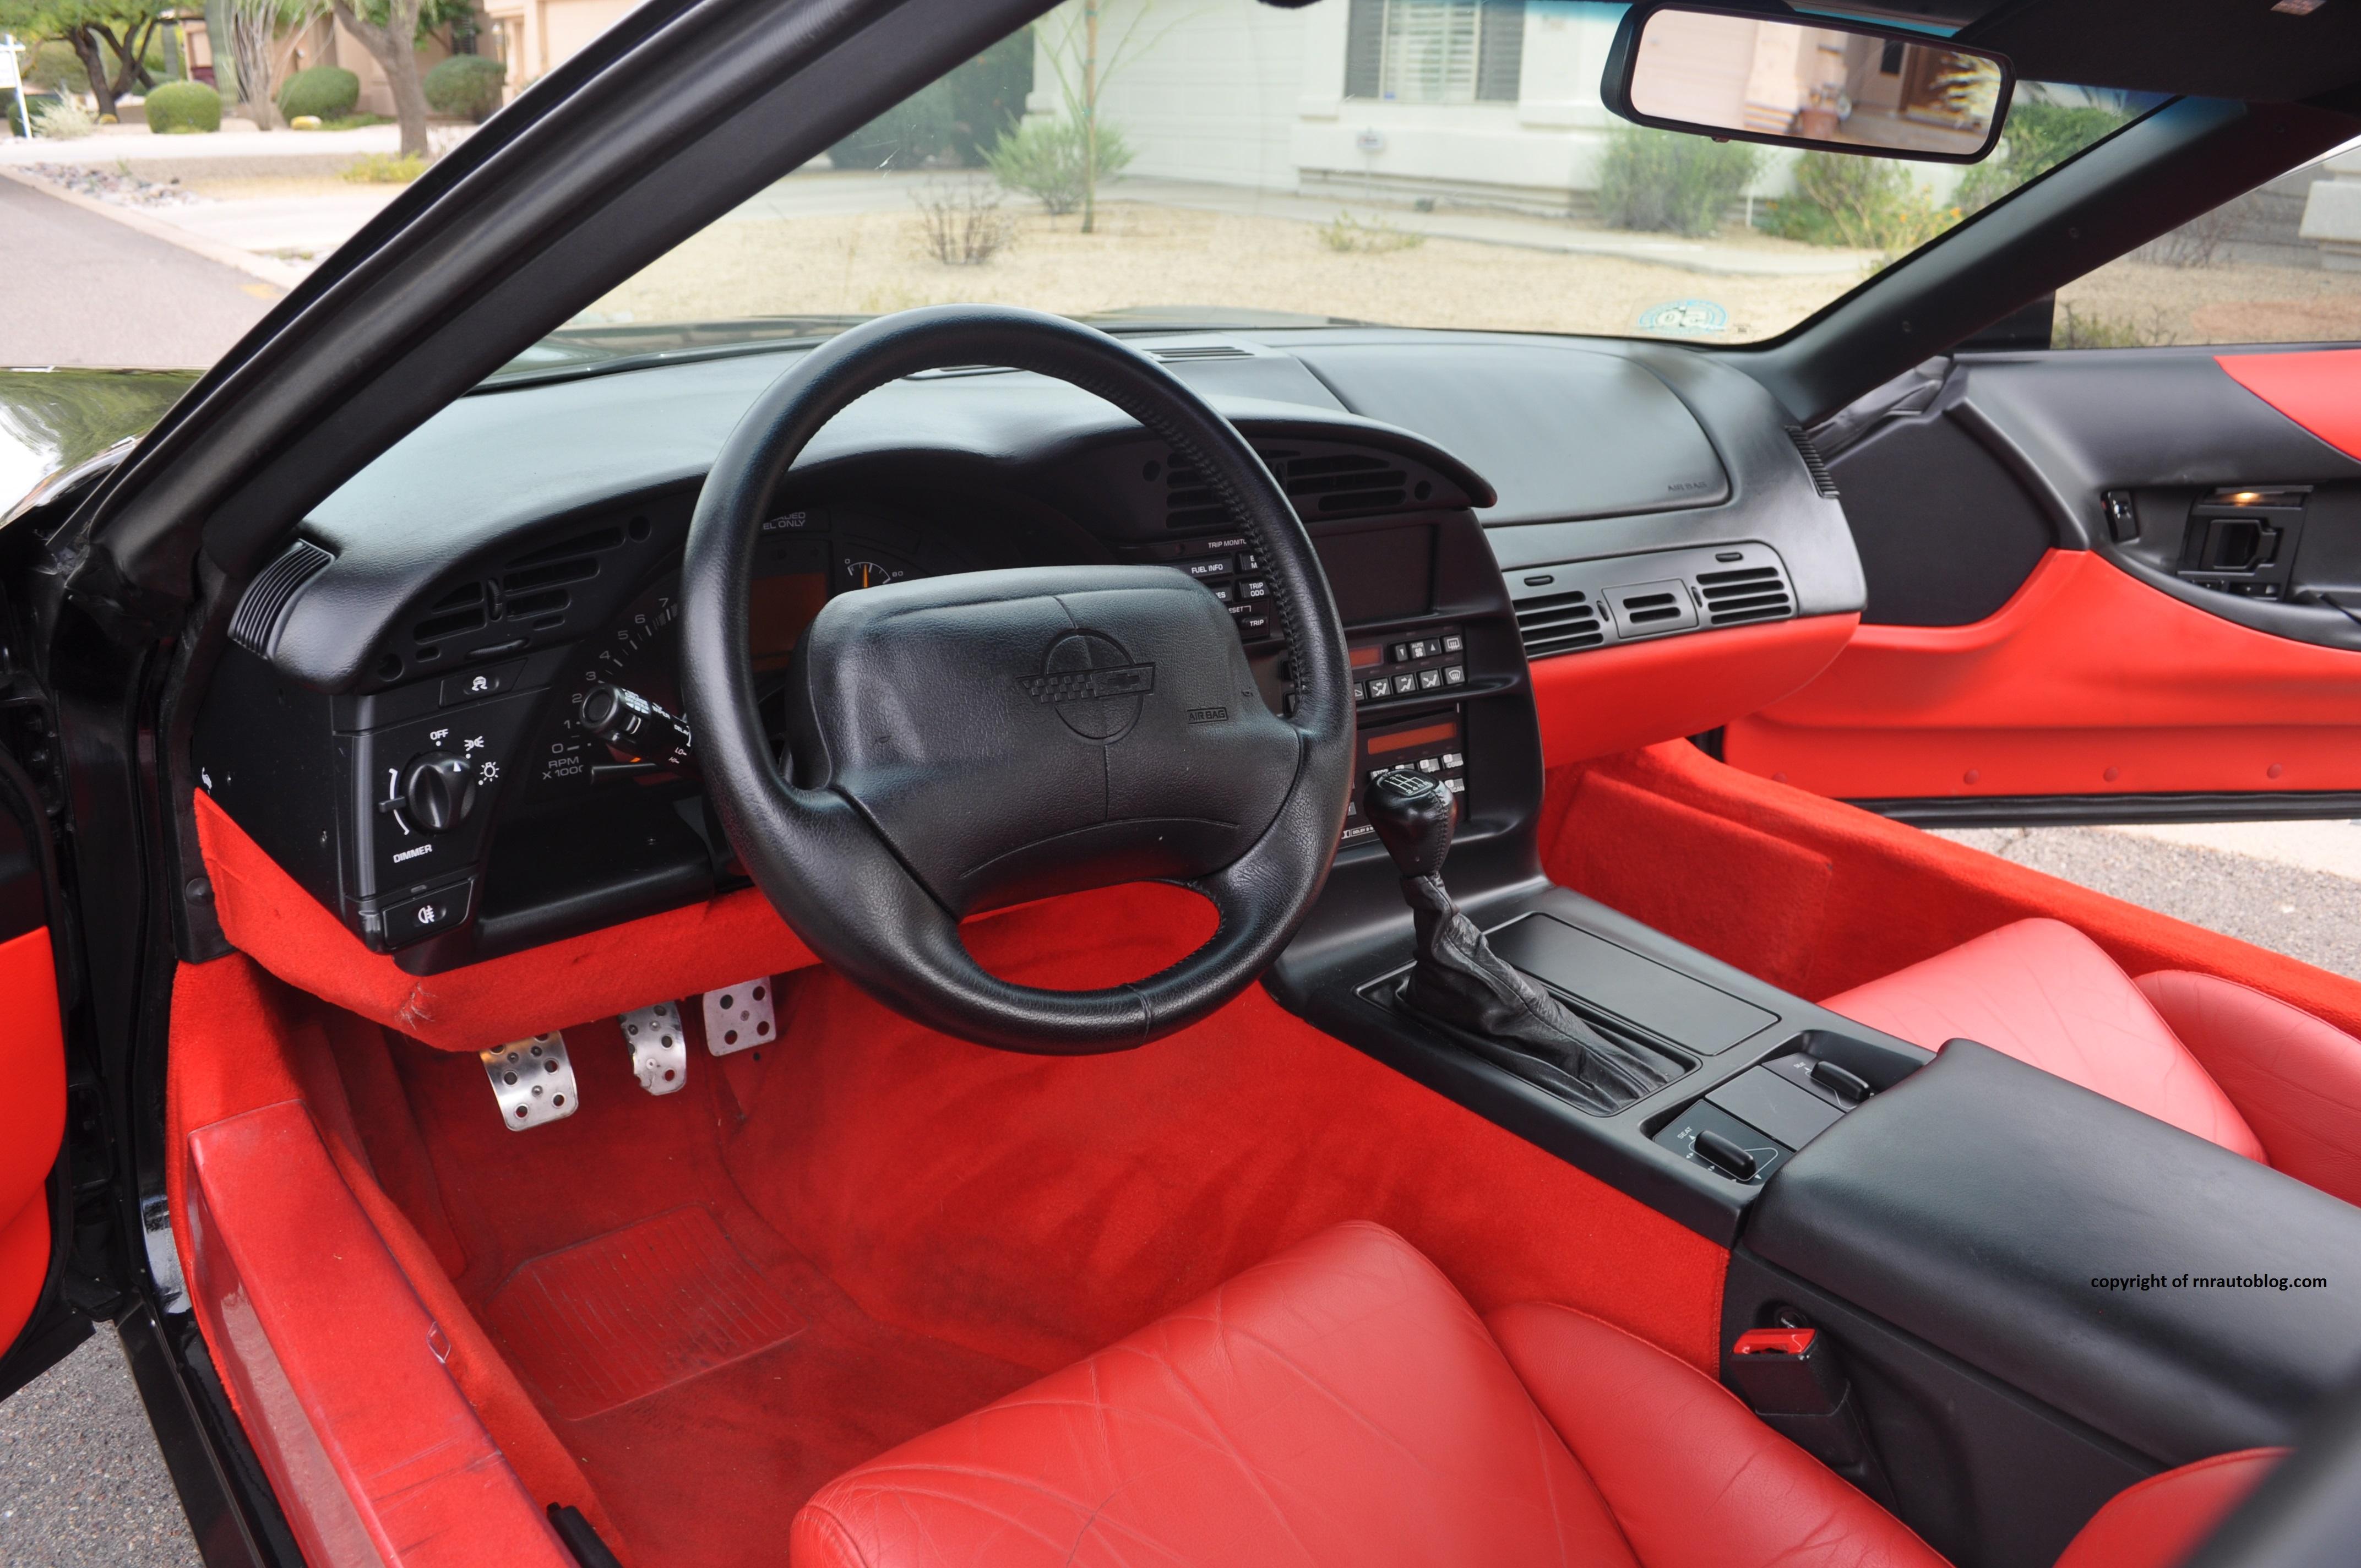 1996 Chevrolet Corvette LT4 Review   RNR Automotive Blog